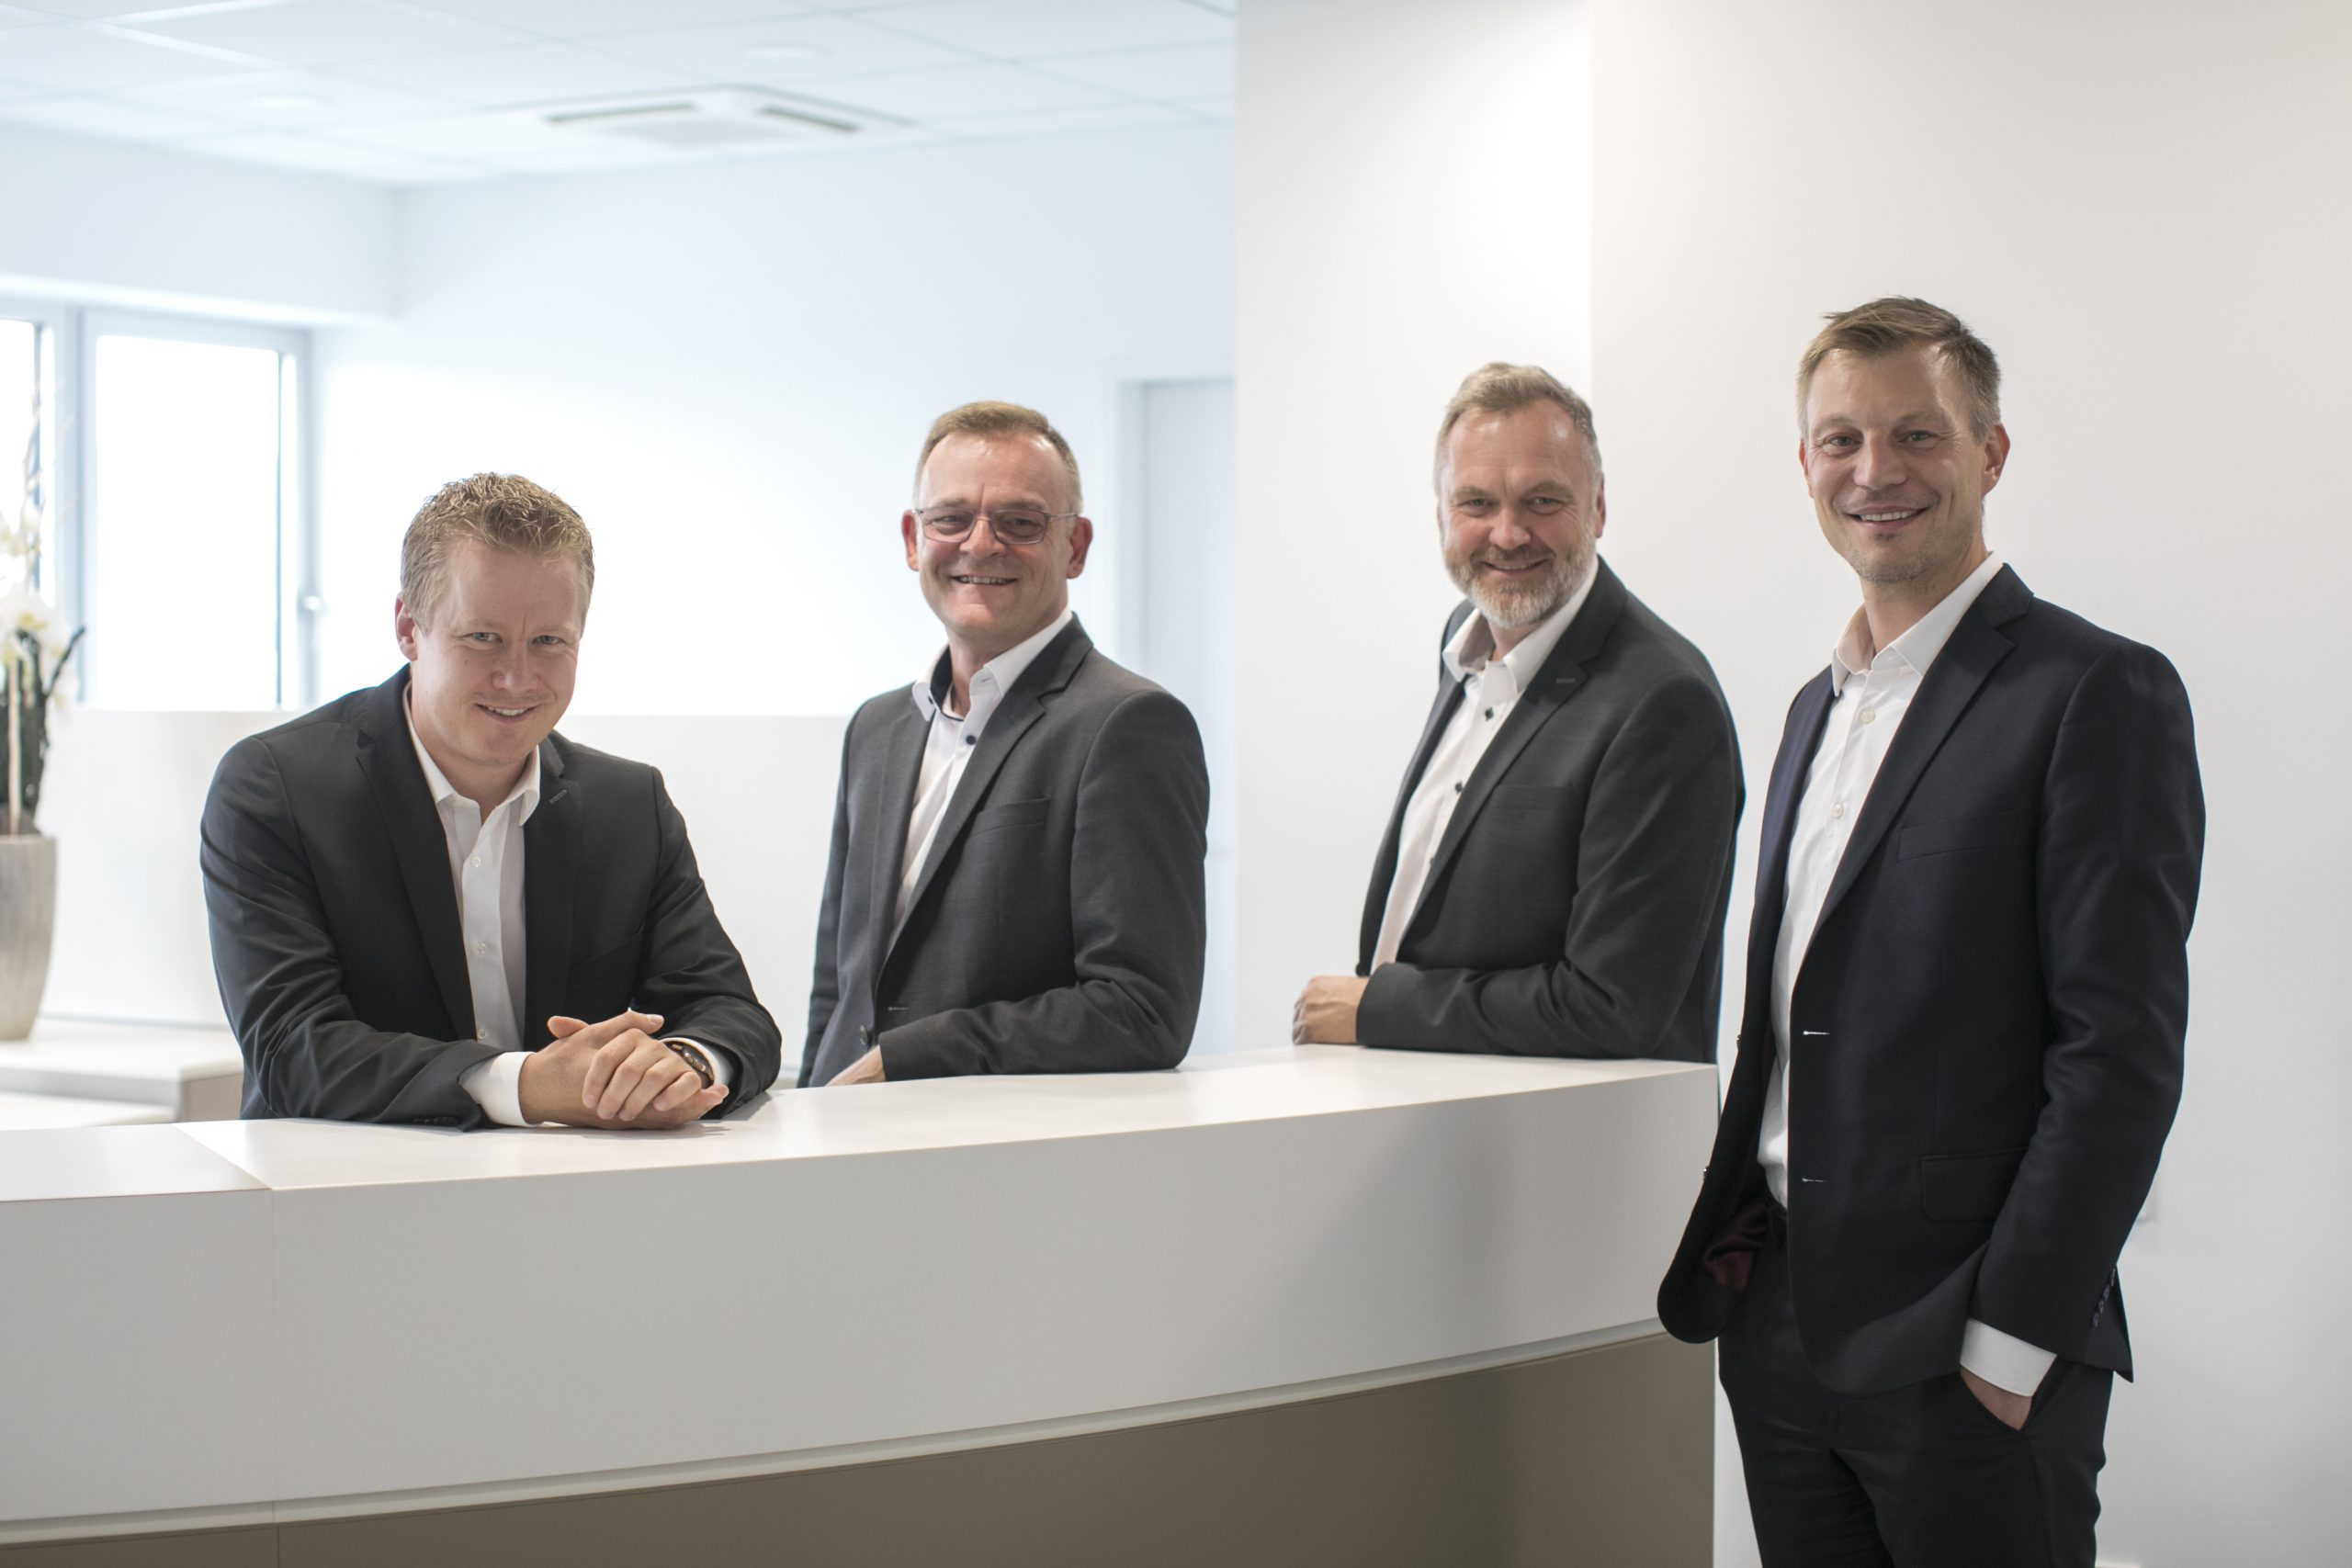 Die Geschäftsleitung der Steuerkanzlei Werz Kraft & Co in Ulm